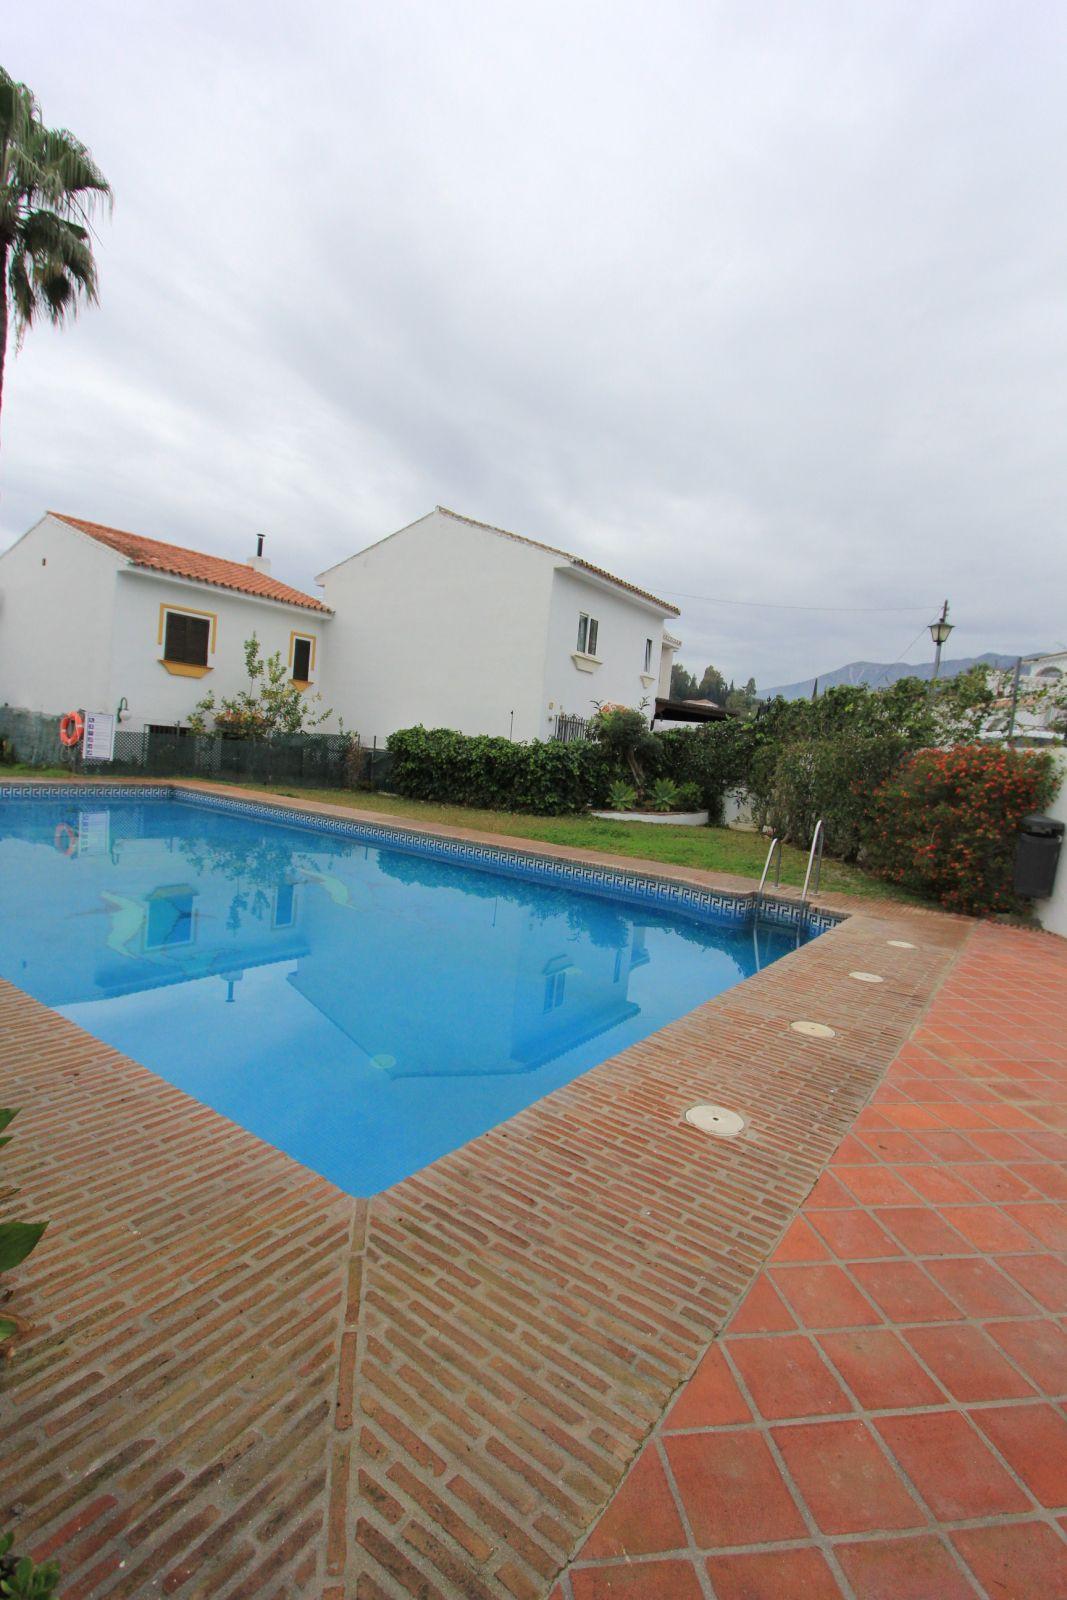 Townhouse for sale in urbanizacion Las Lomas del Coto. It has 3 bedrooms, 3 bathrooms, a living room,Spain